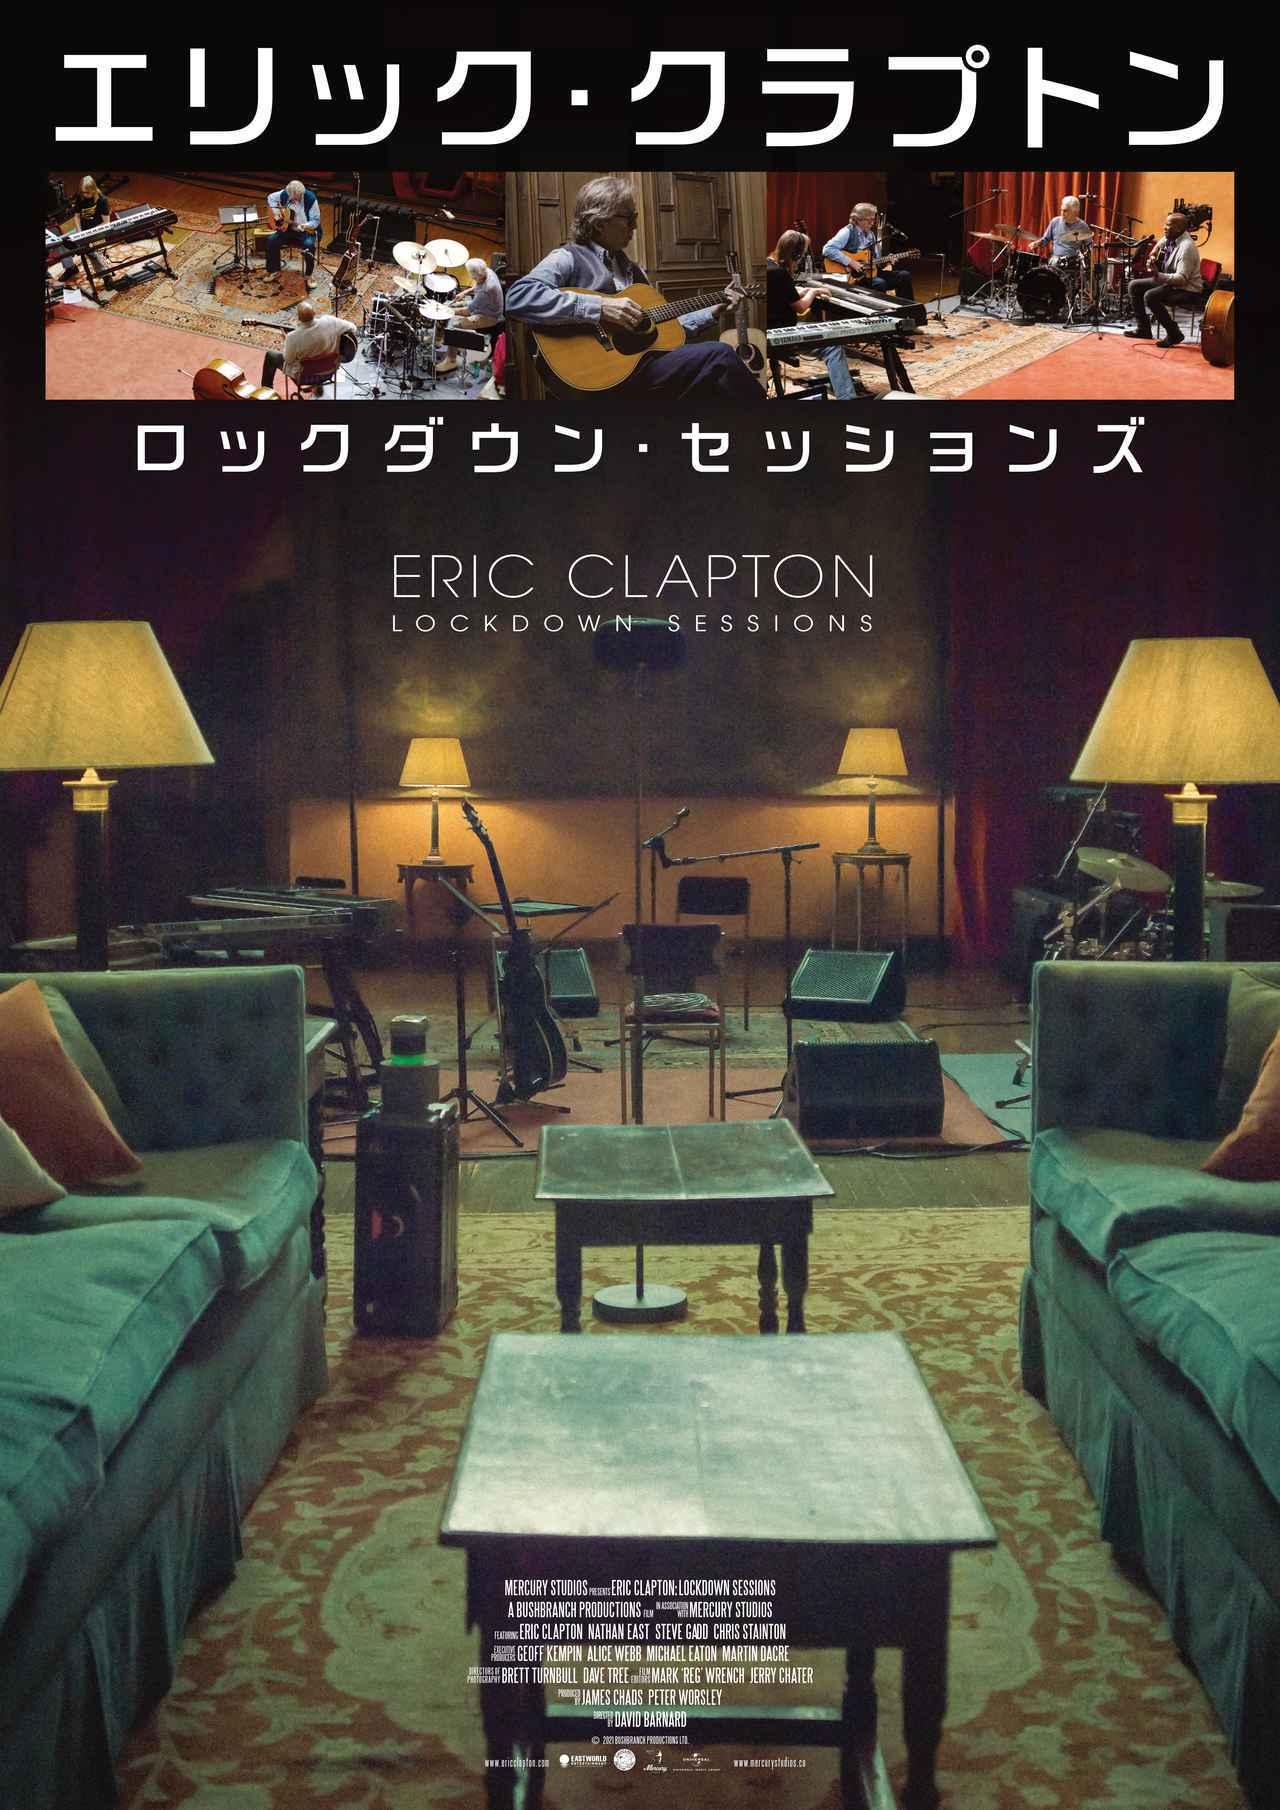 画像: エリック・クラプトンがパンデミック下で行った無観客ライブの劇場版が10月8日公開